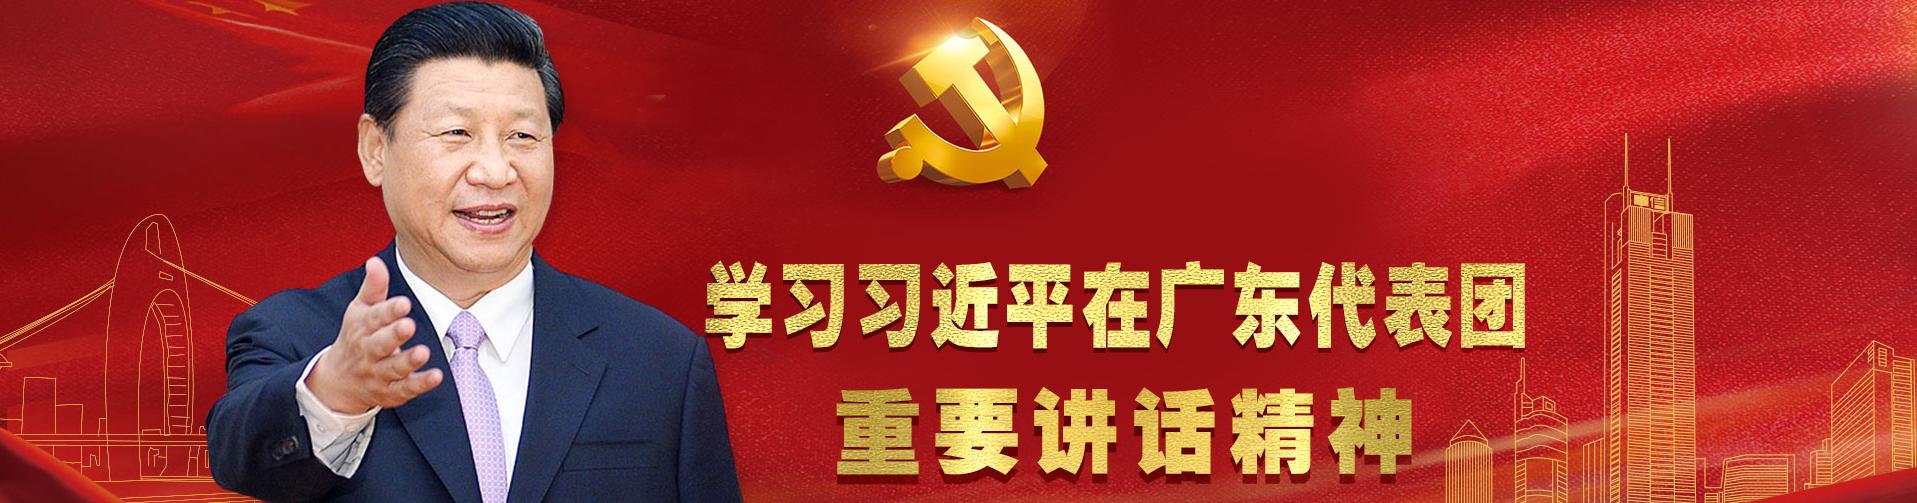 习近平在广东代表团重要讲话